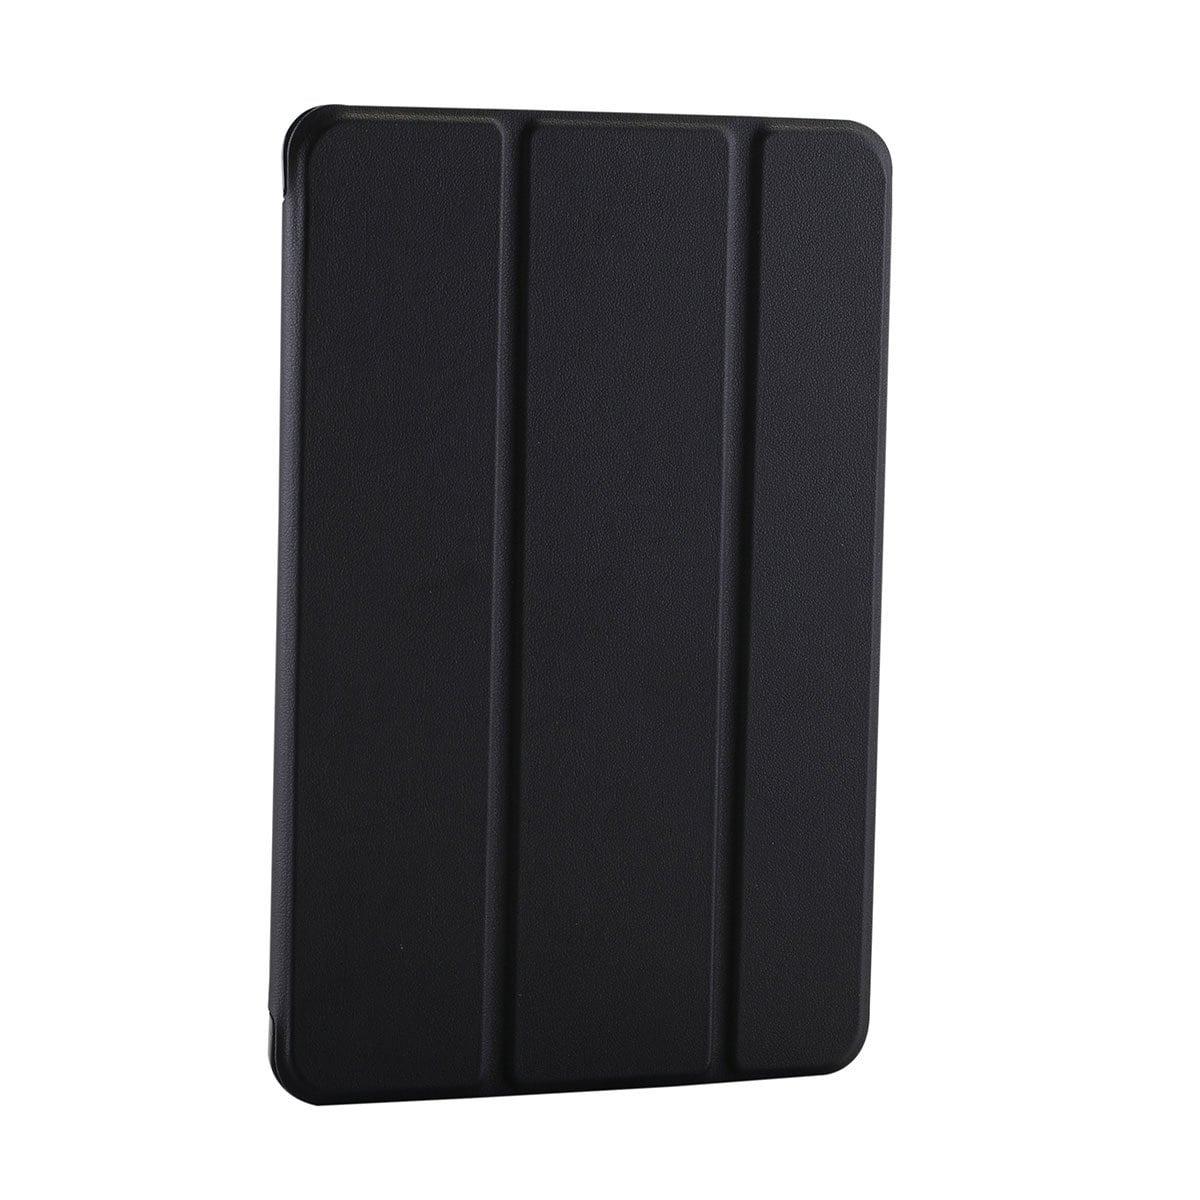 Funda para Ipad Mini 4-5 Negro Tars